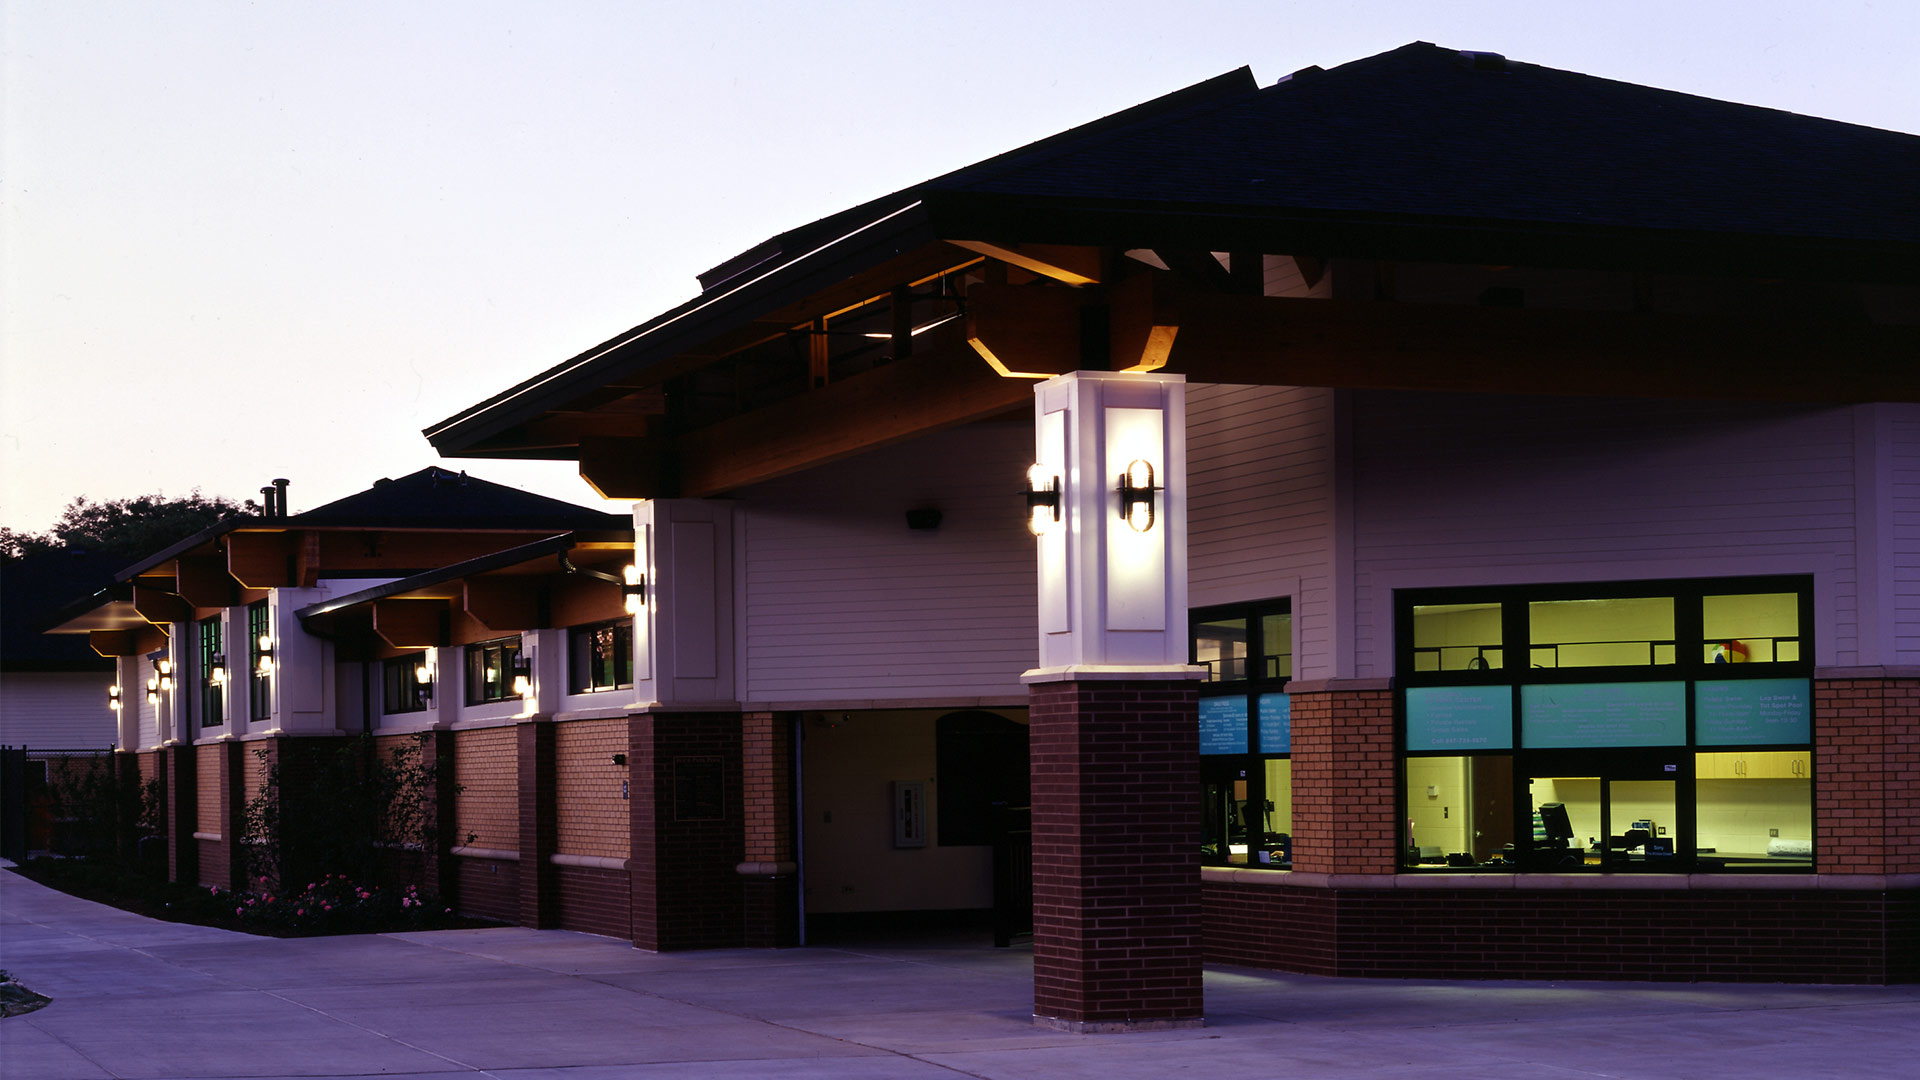 Glenview Park District Flick Aquatic Center